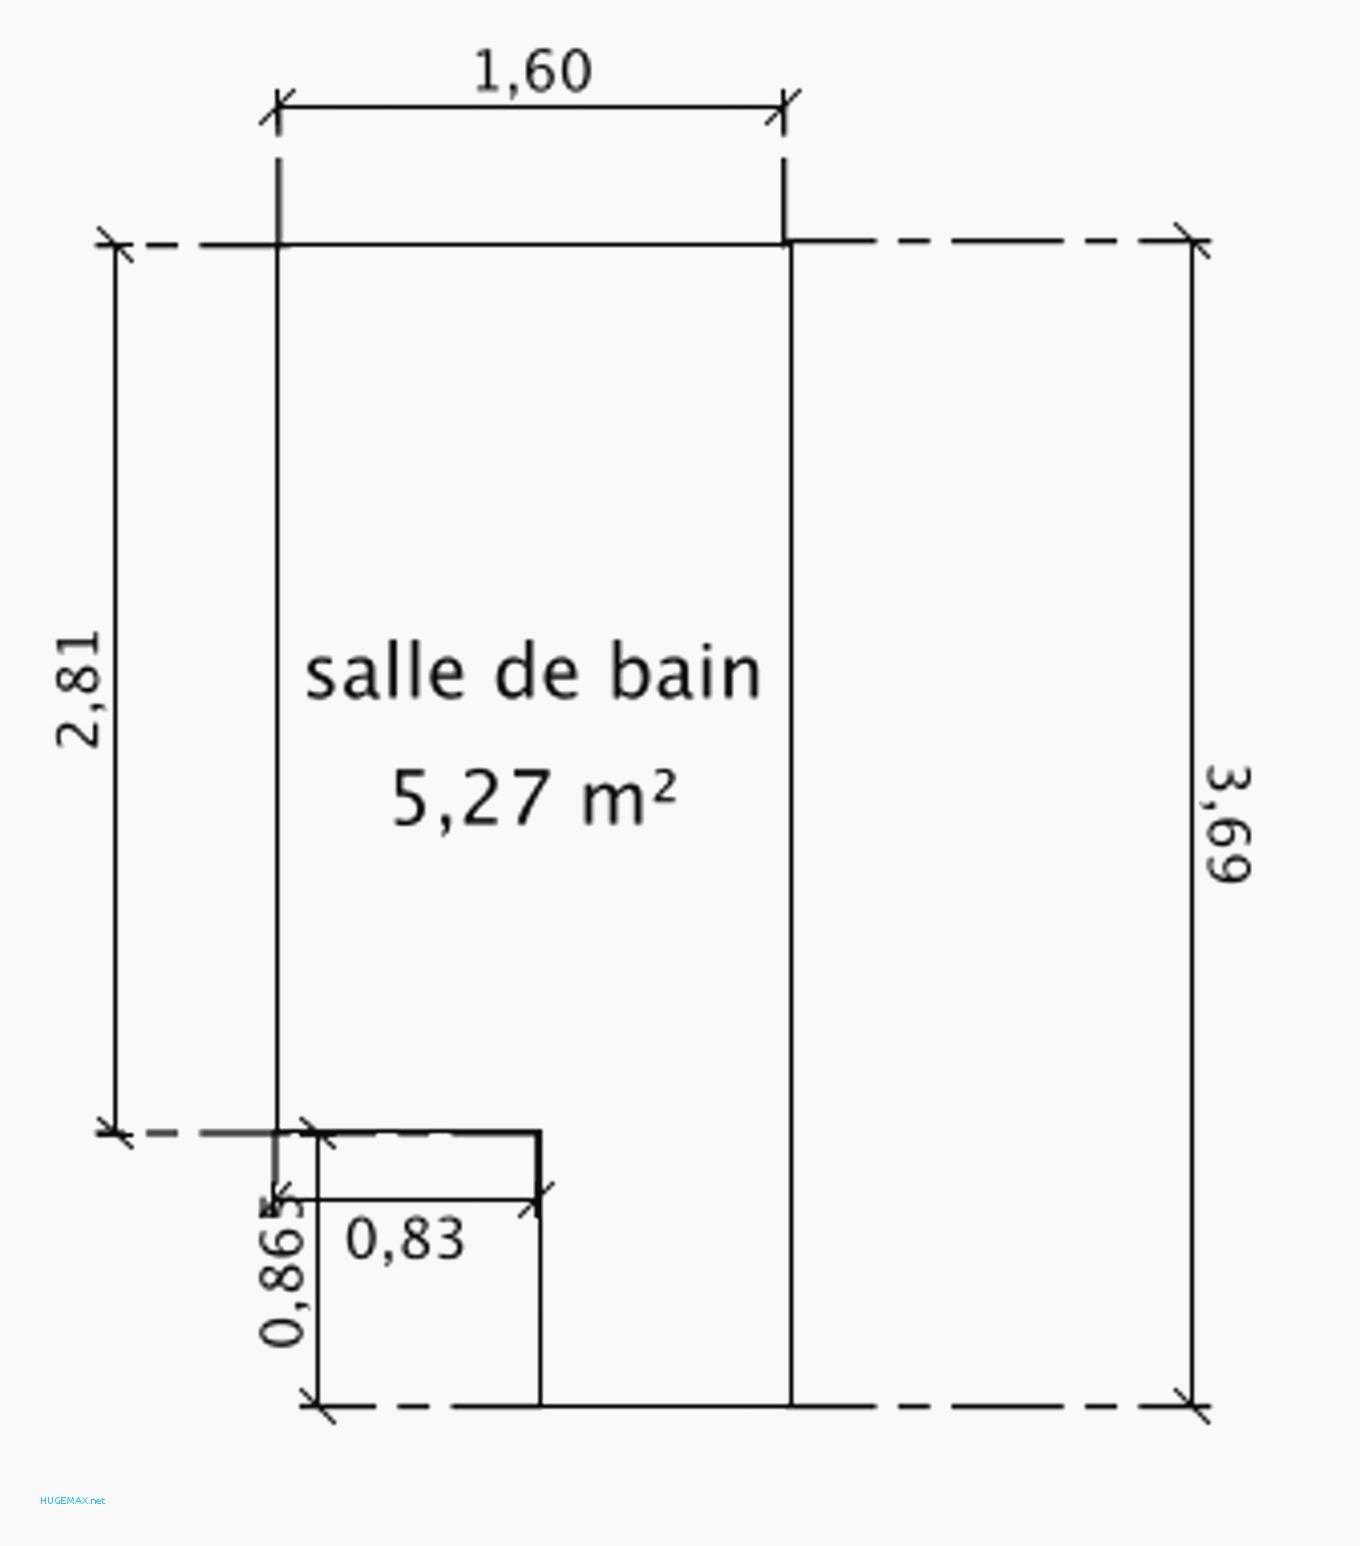 Salle De Bain sous Pente 5m2 Unique Photos Salle De Bain sous Pente 5m2